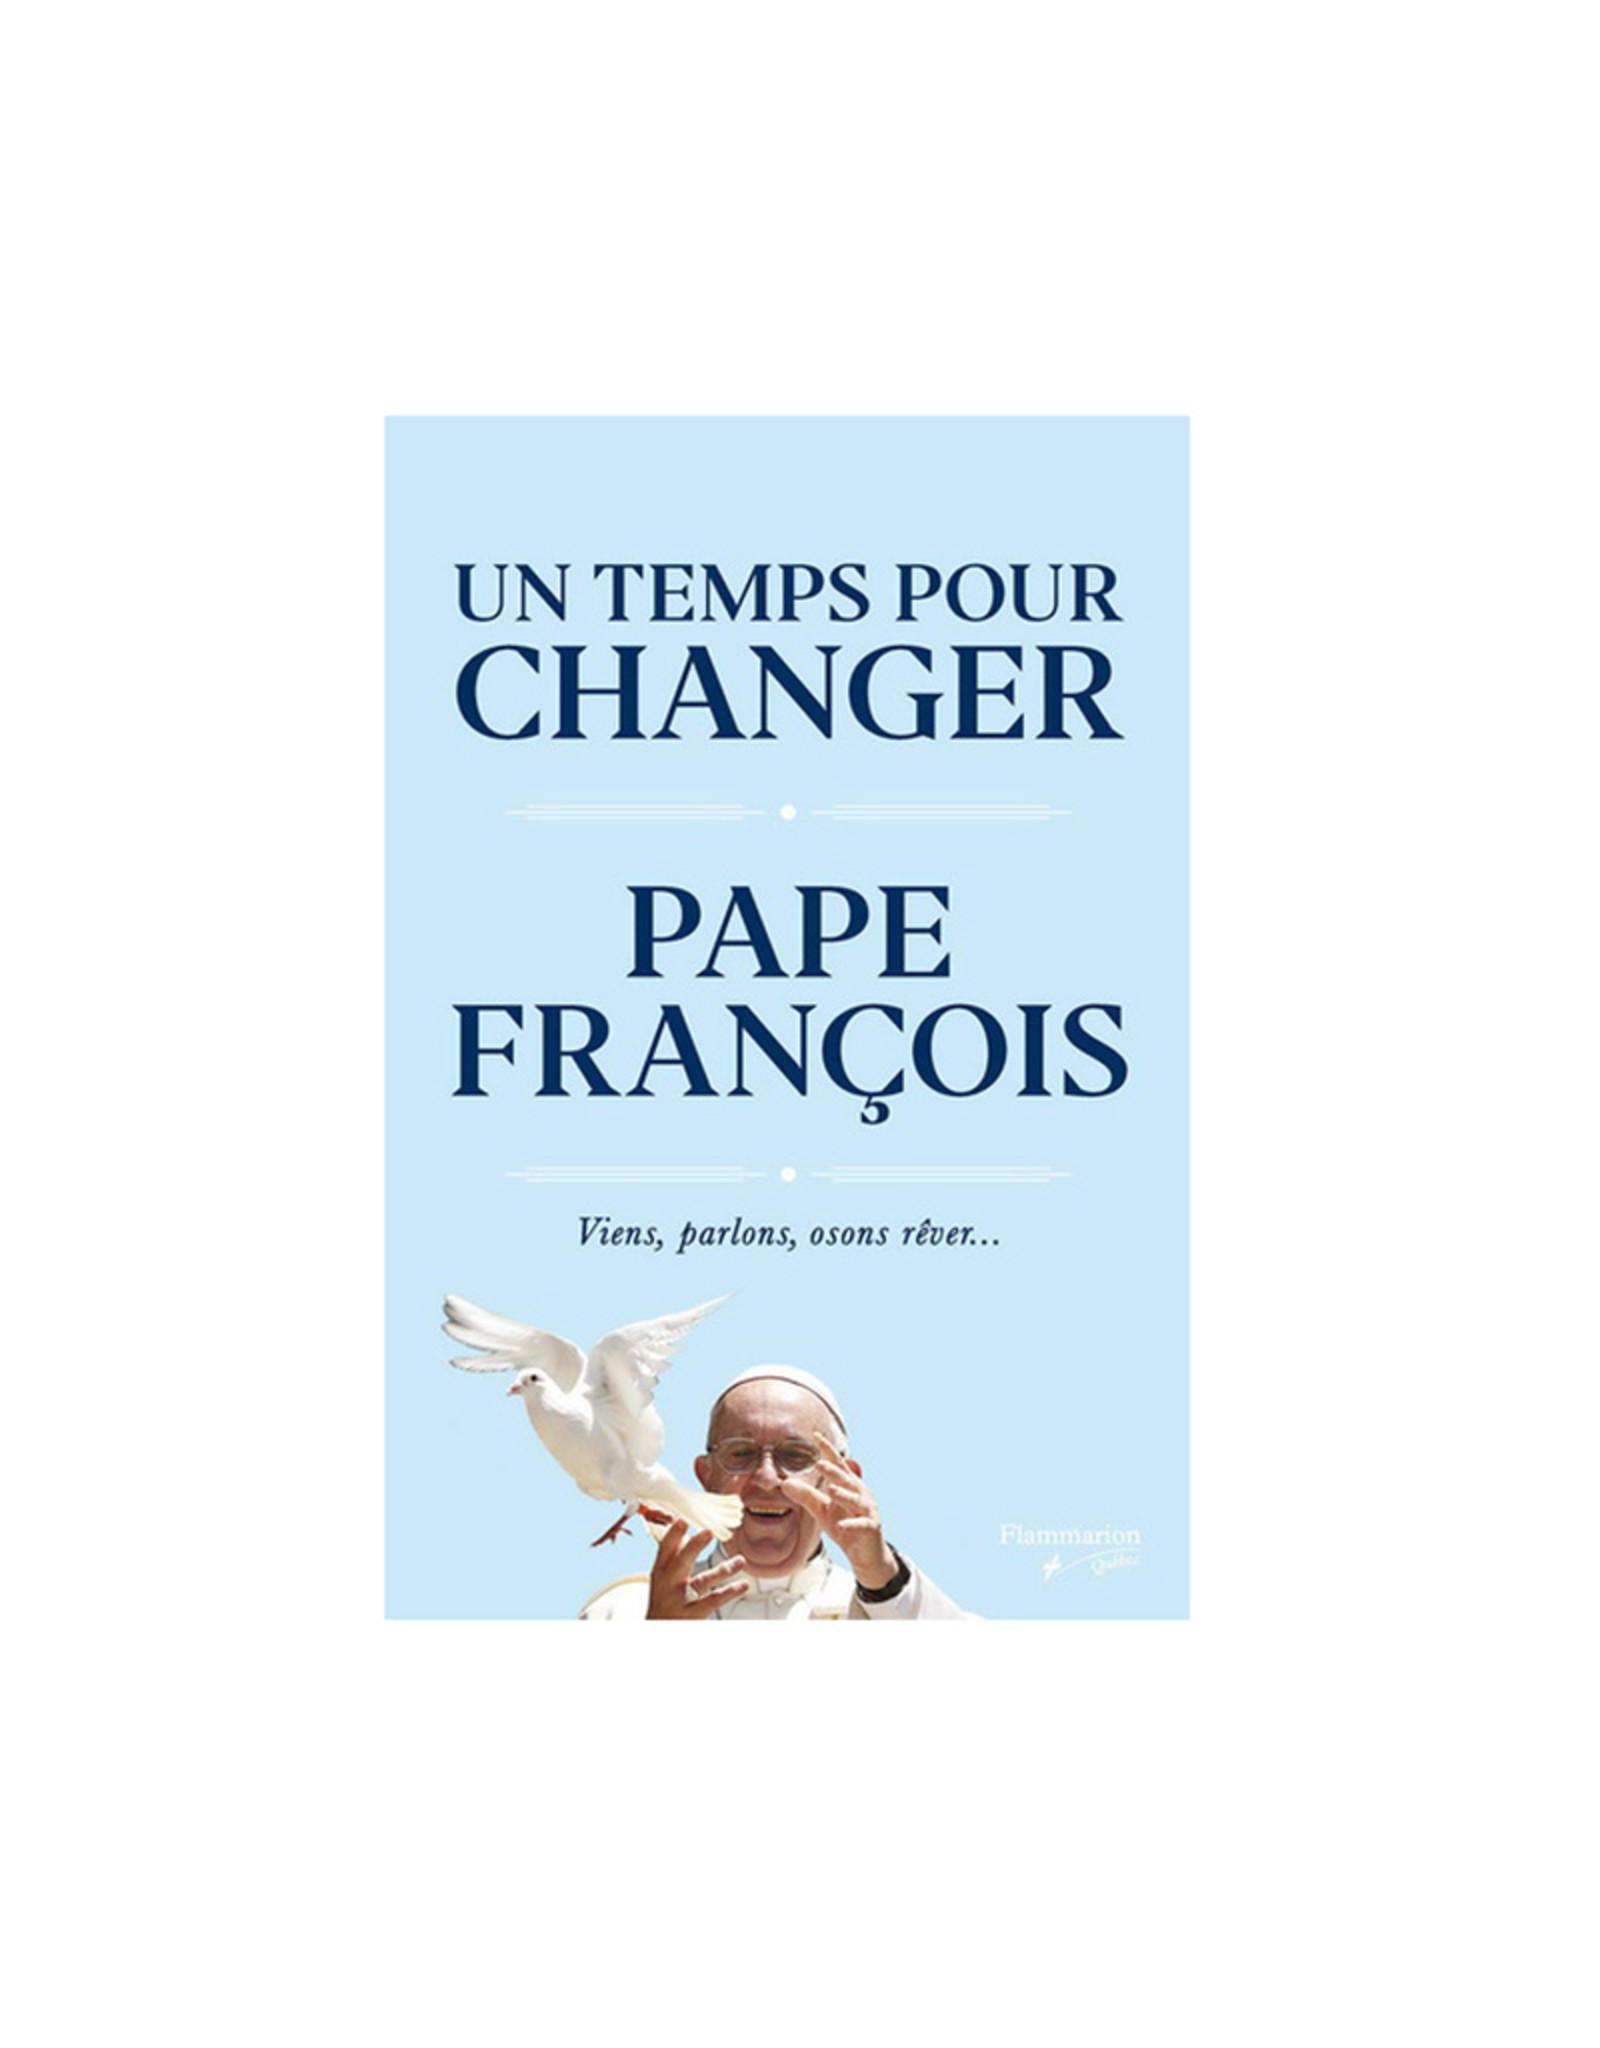 Un temps pour changer - Pope Francis (french)